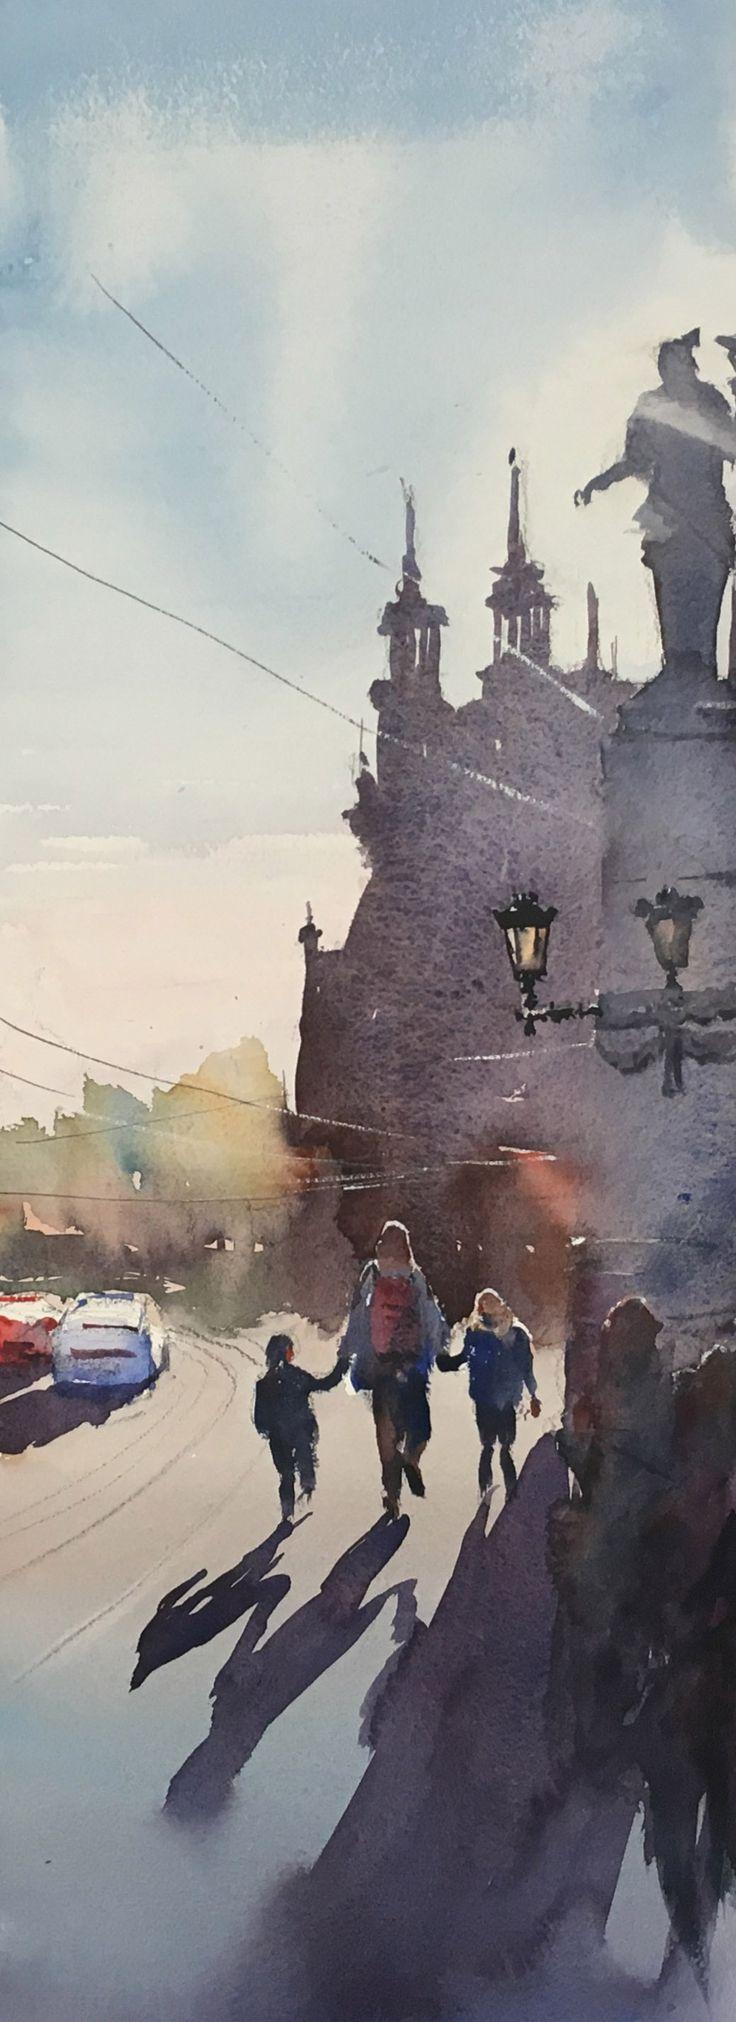 Djurgårdsbron, Watercolor, Stefan Gadnell